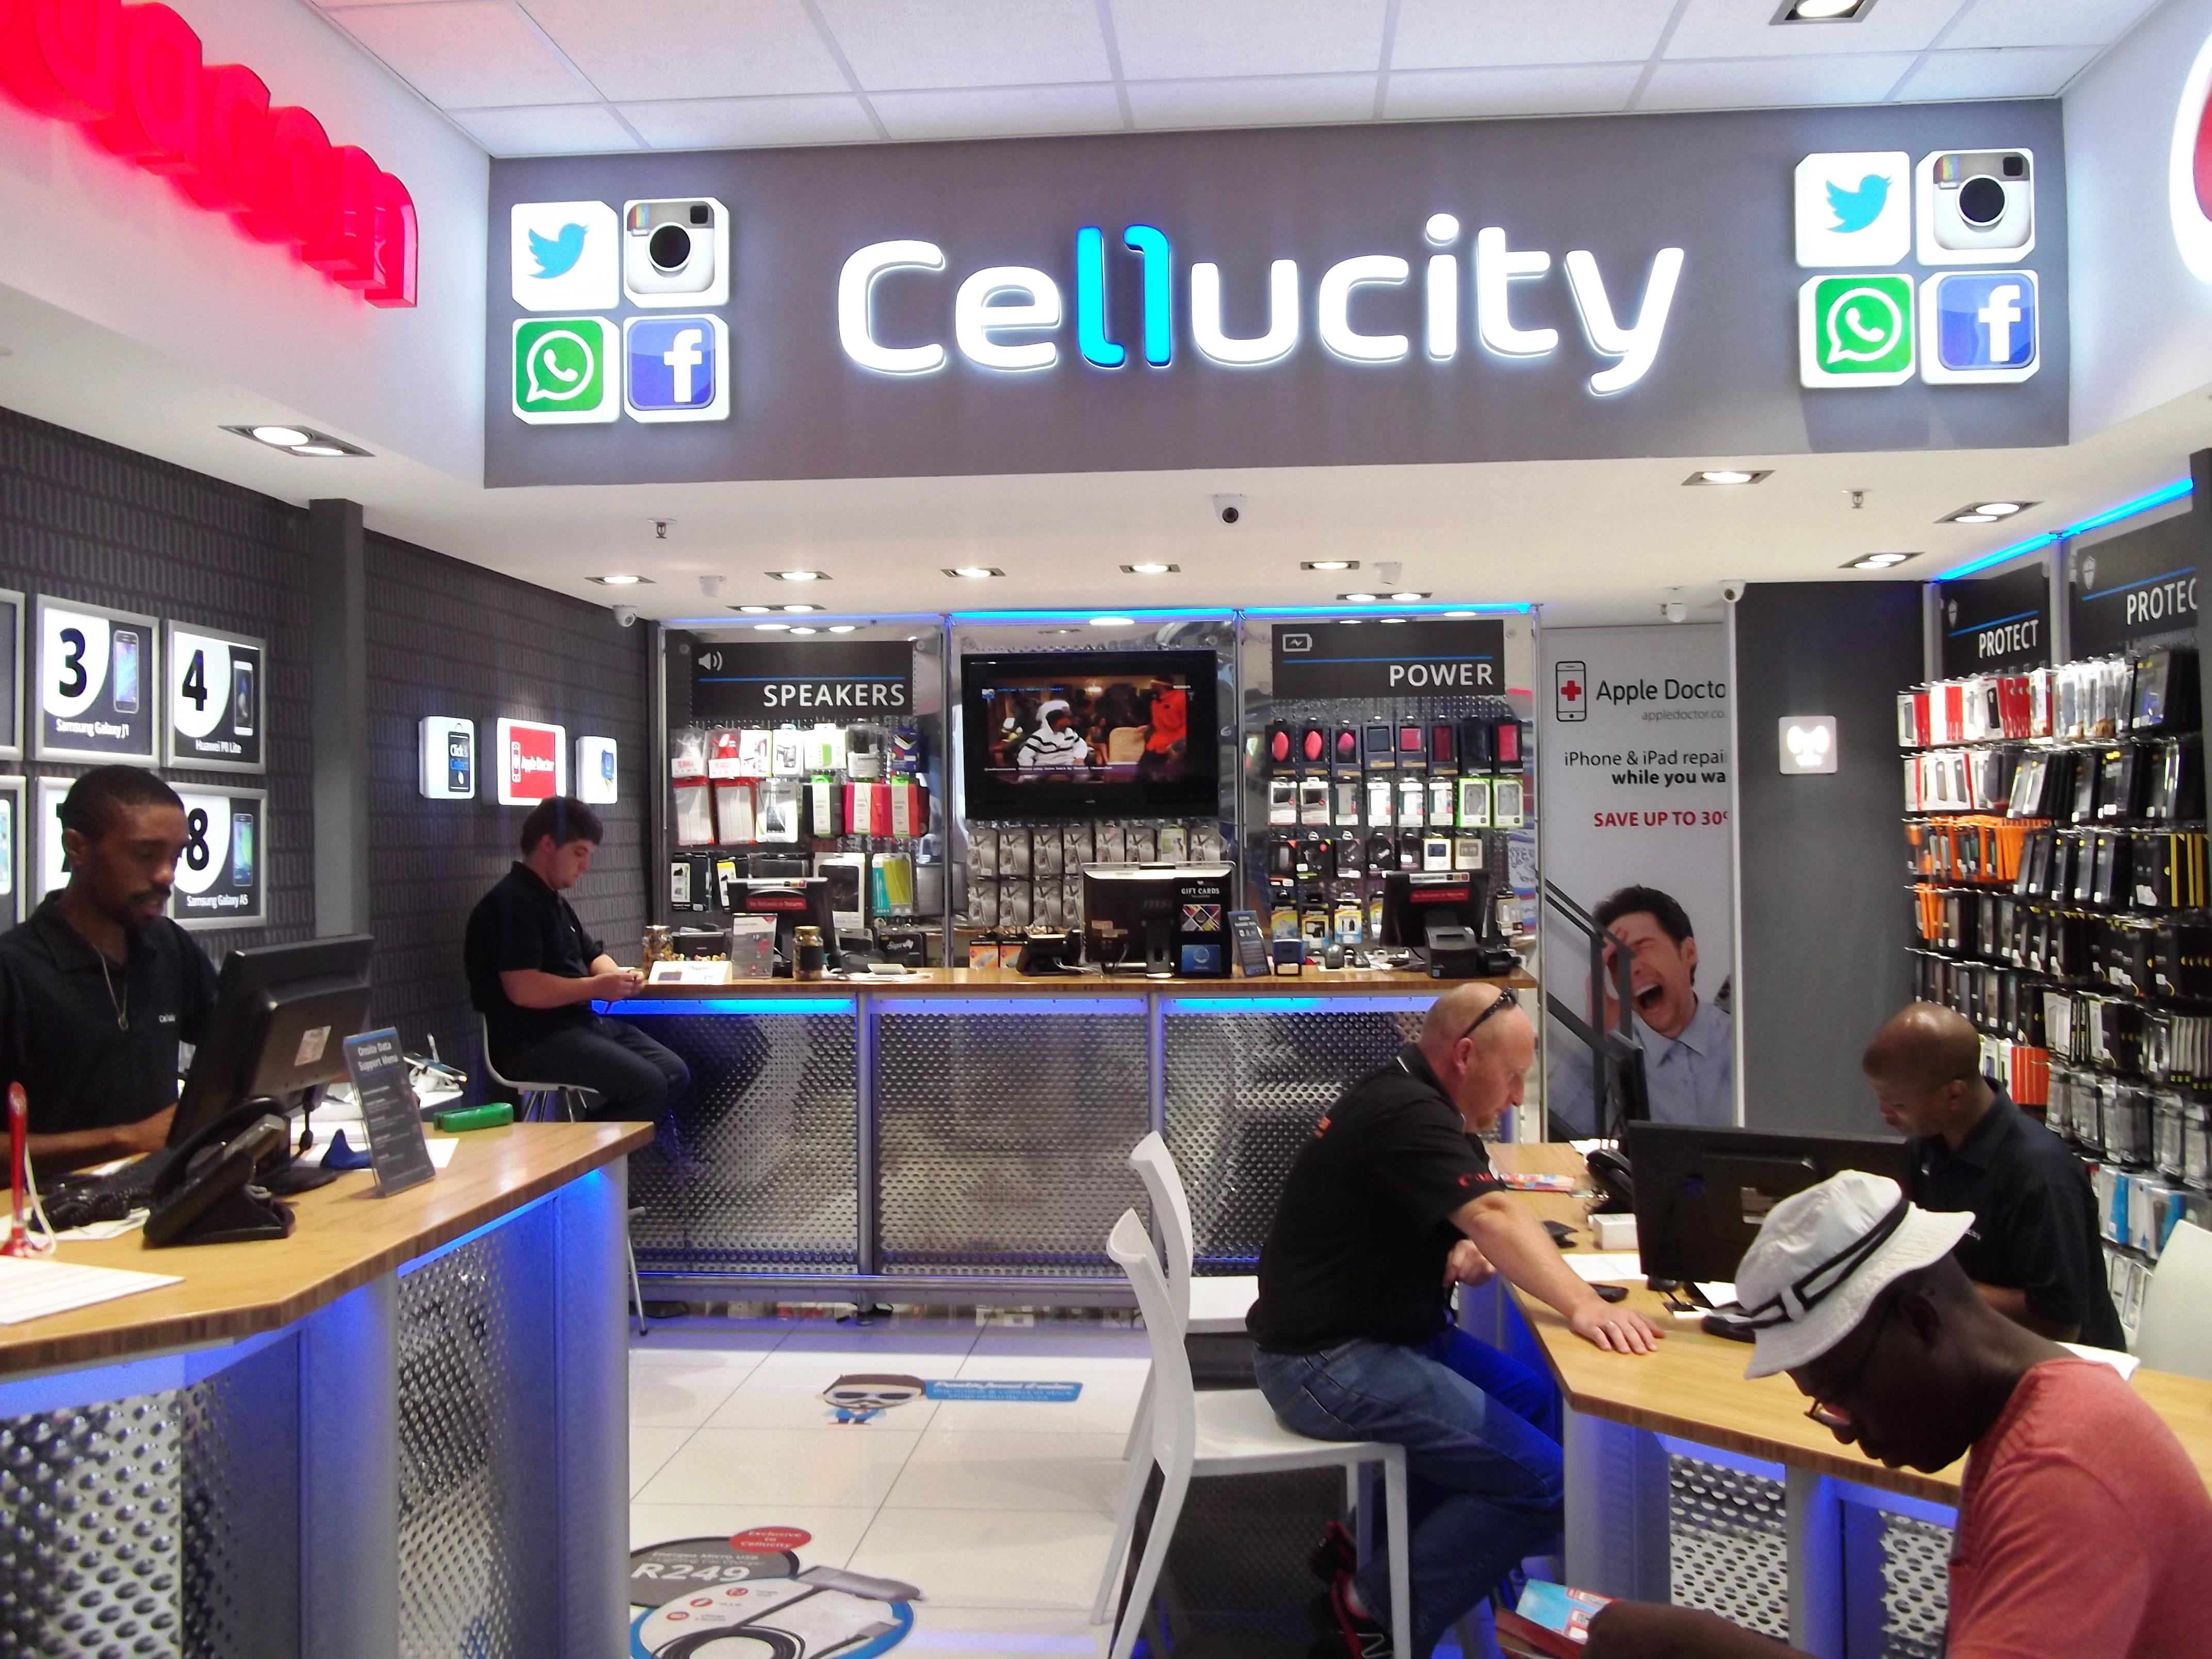 Cellucity